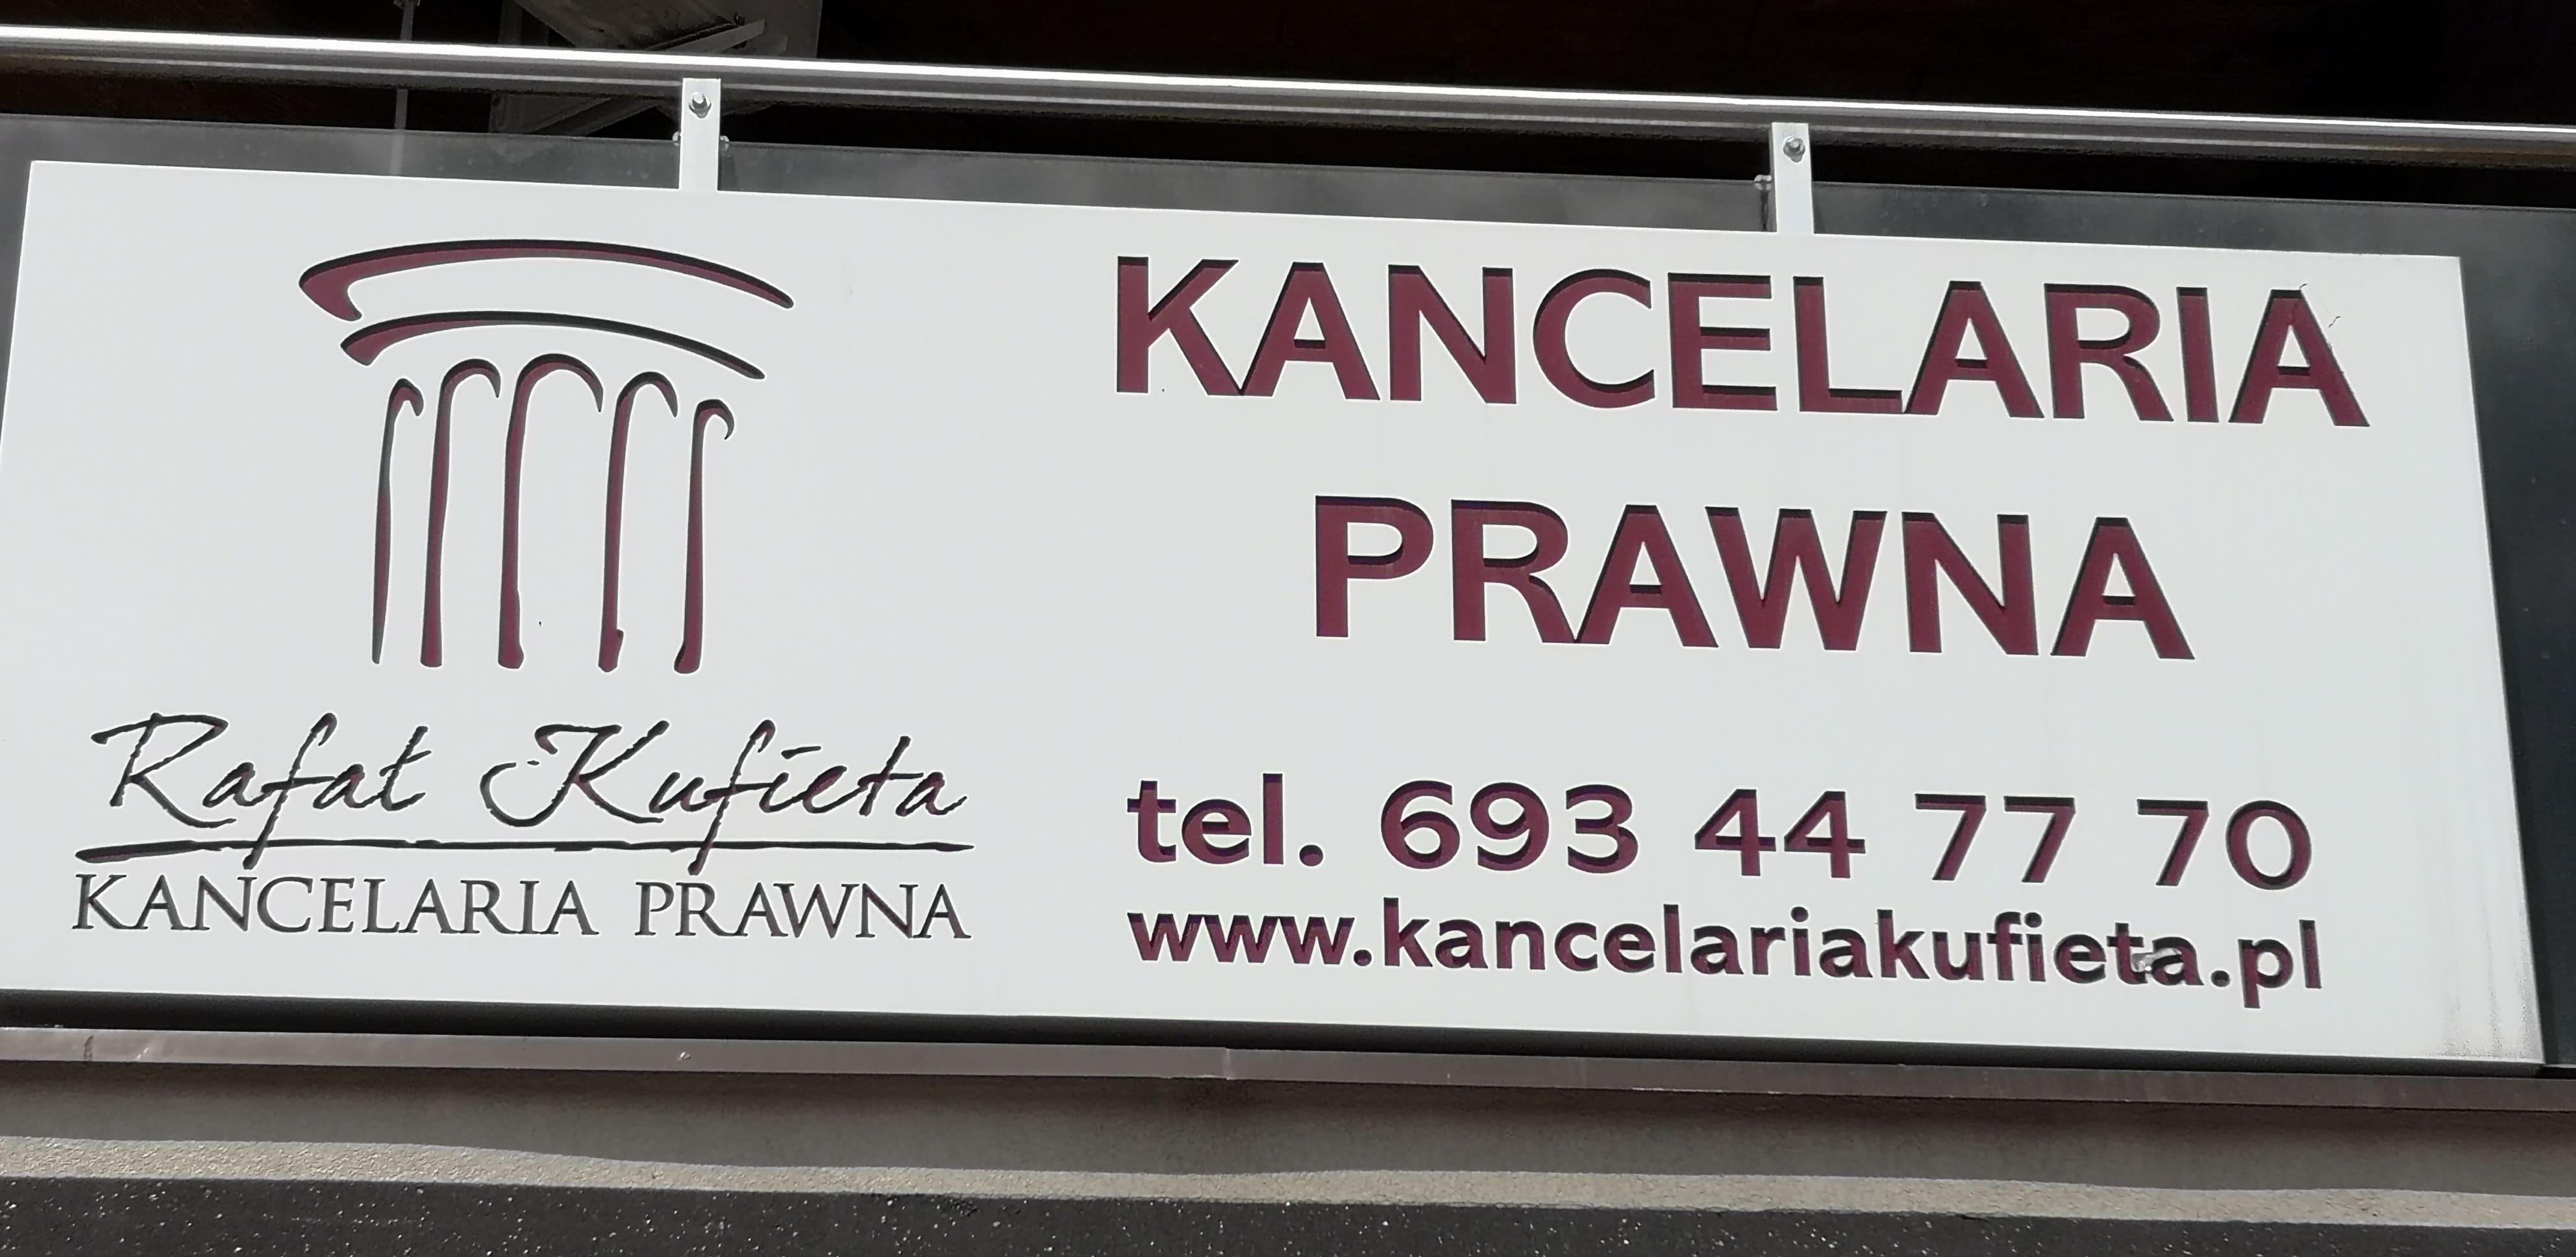 Kancelaria Prawna Kufieta Wrocław